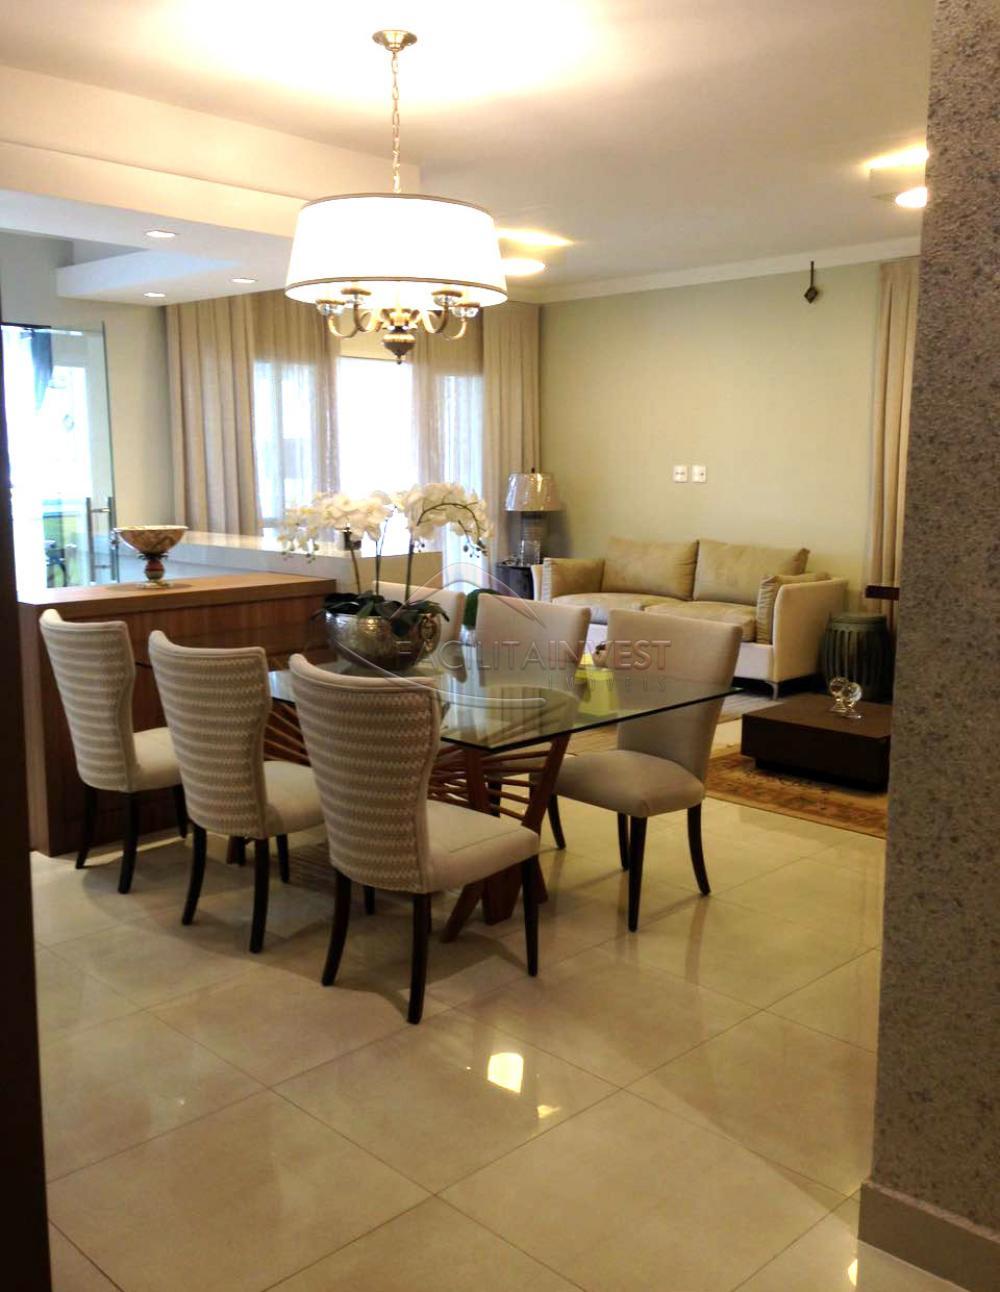 Comprar Lançamentos/ Empreendimentos em Construç / Apartamento padrão - Lançamento em Ribeirão Preto apenas R$ 958.391,00 - Foto 1